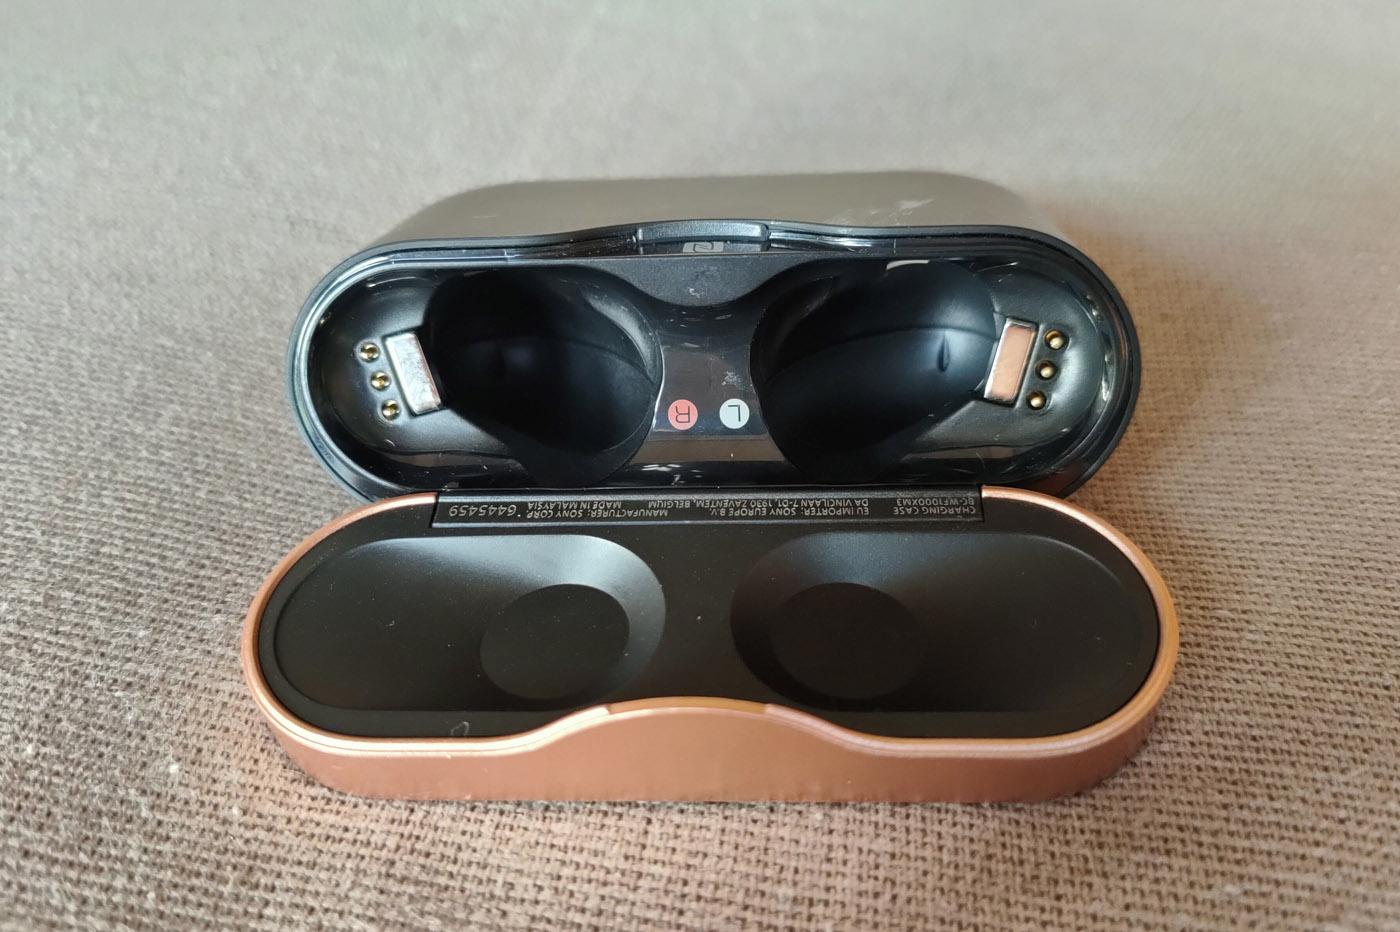 Test des écouteurs sans fil Sony WF-1000XM3 avec un iPhone 11